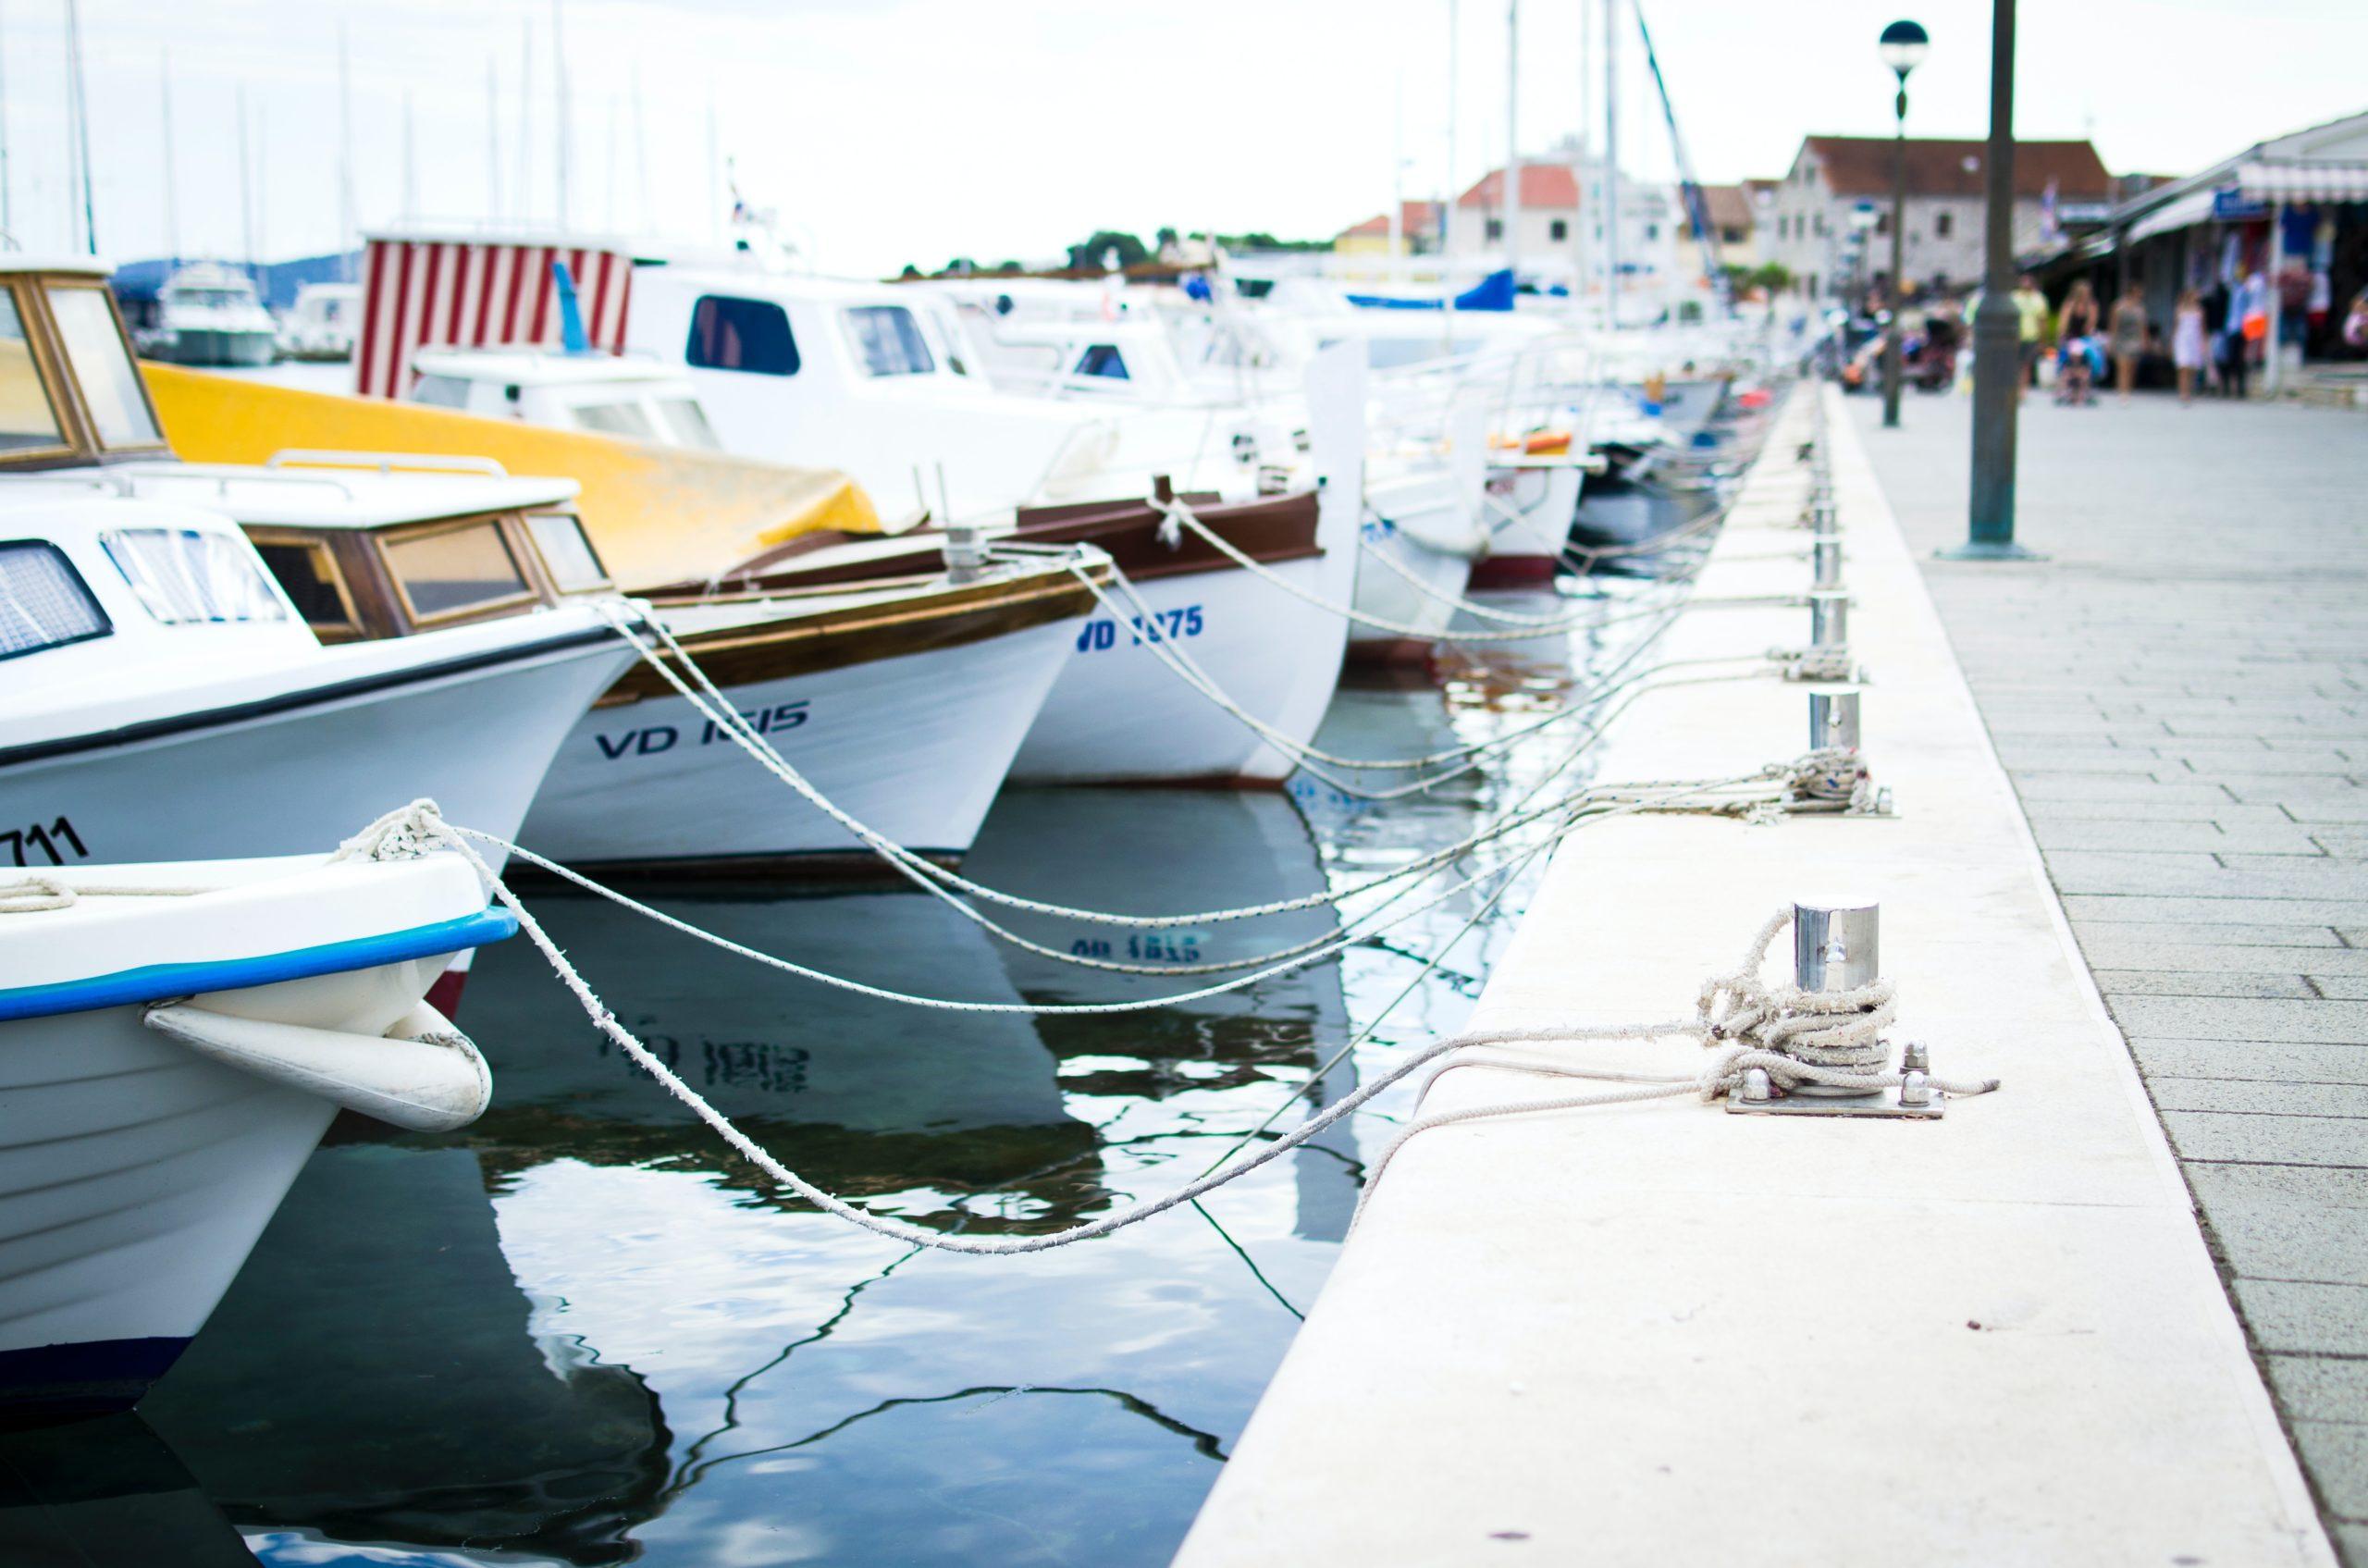 Marina full of boats.